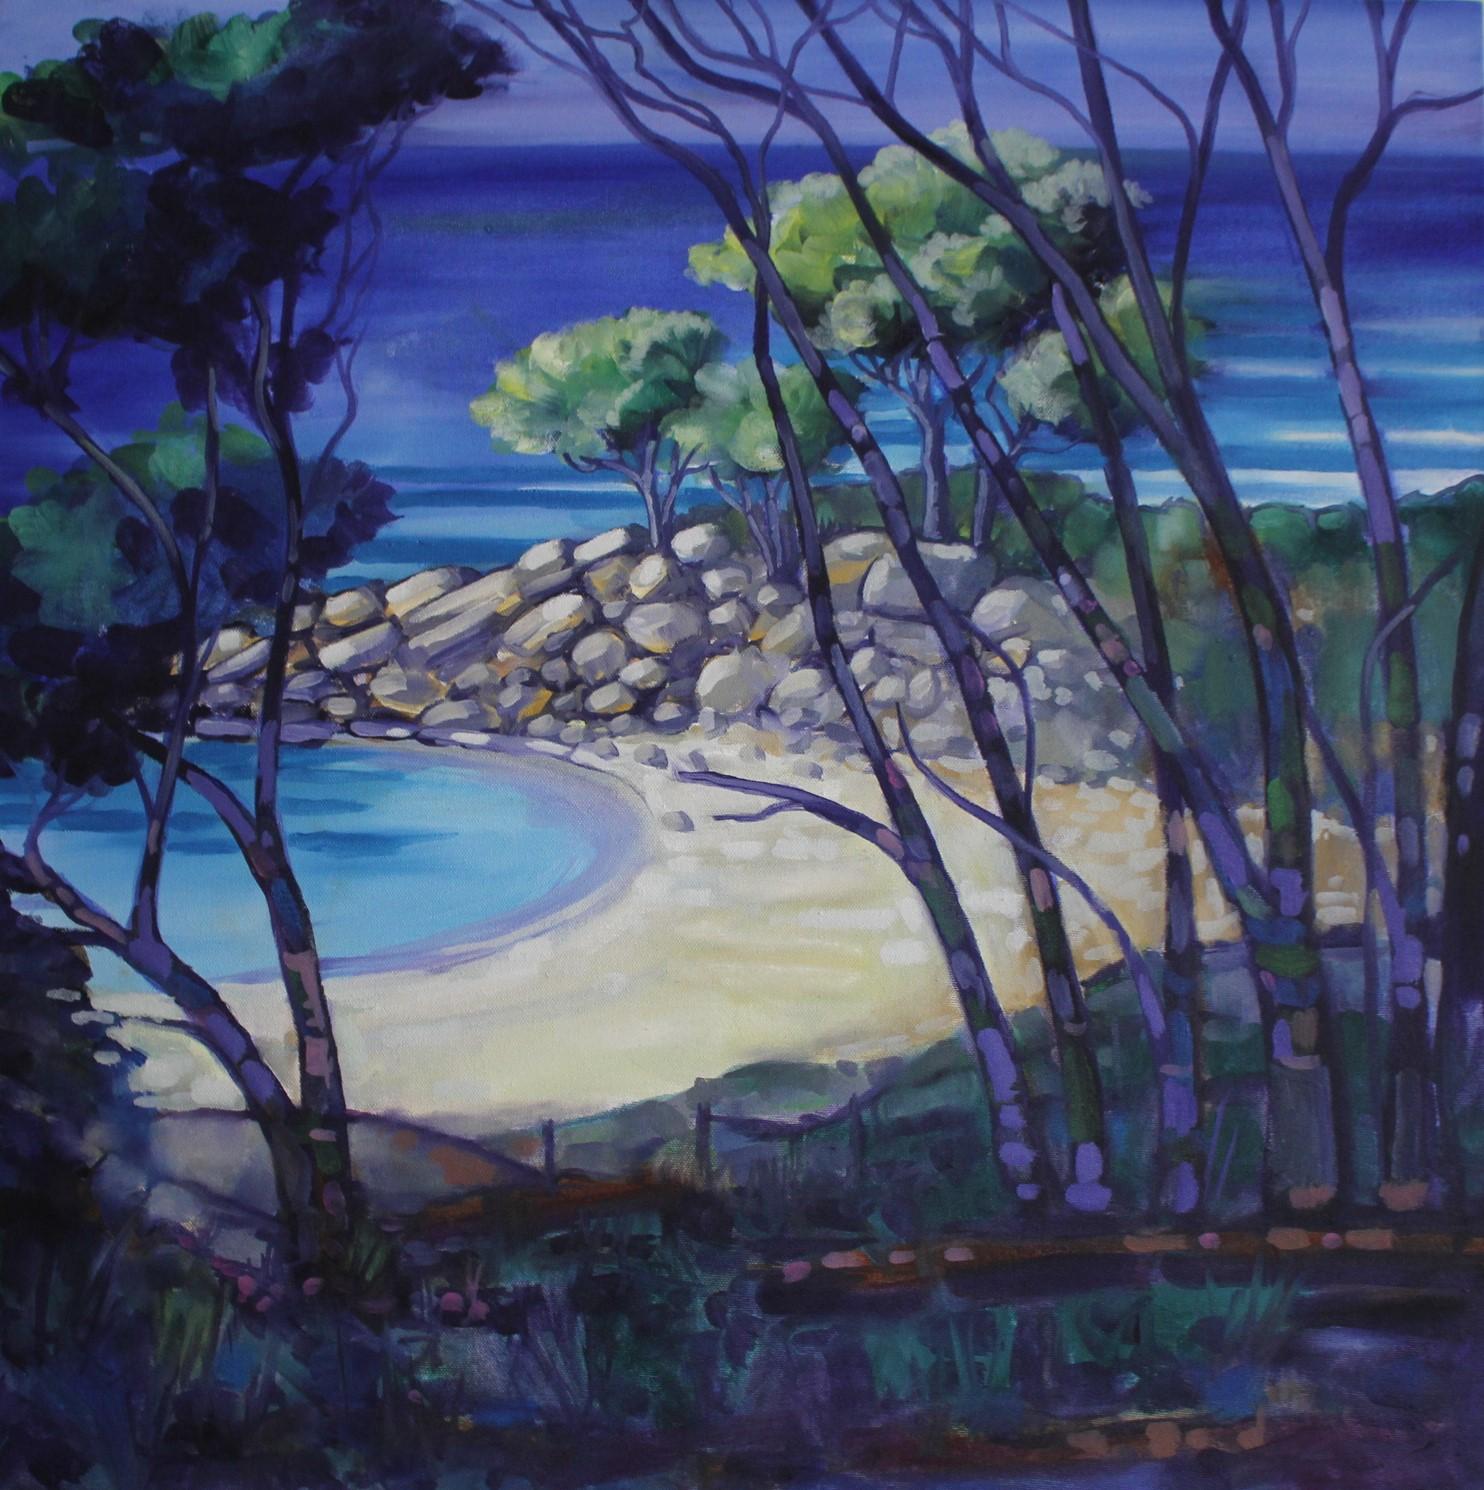 Wes Nash-Shelly Beach 2018 Oil on canvas 600x600.JPG